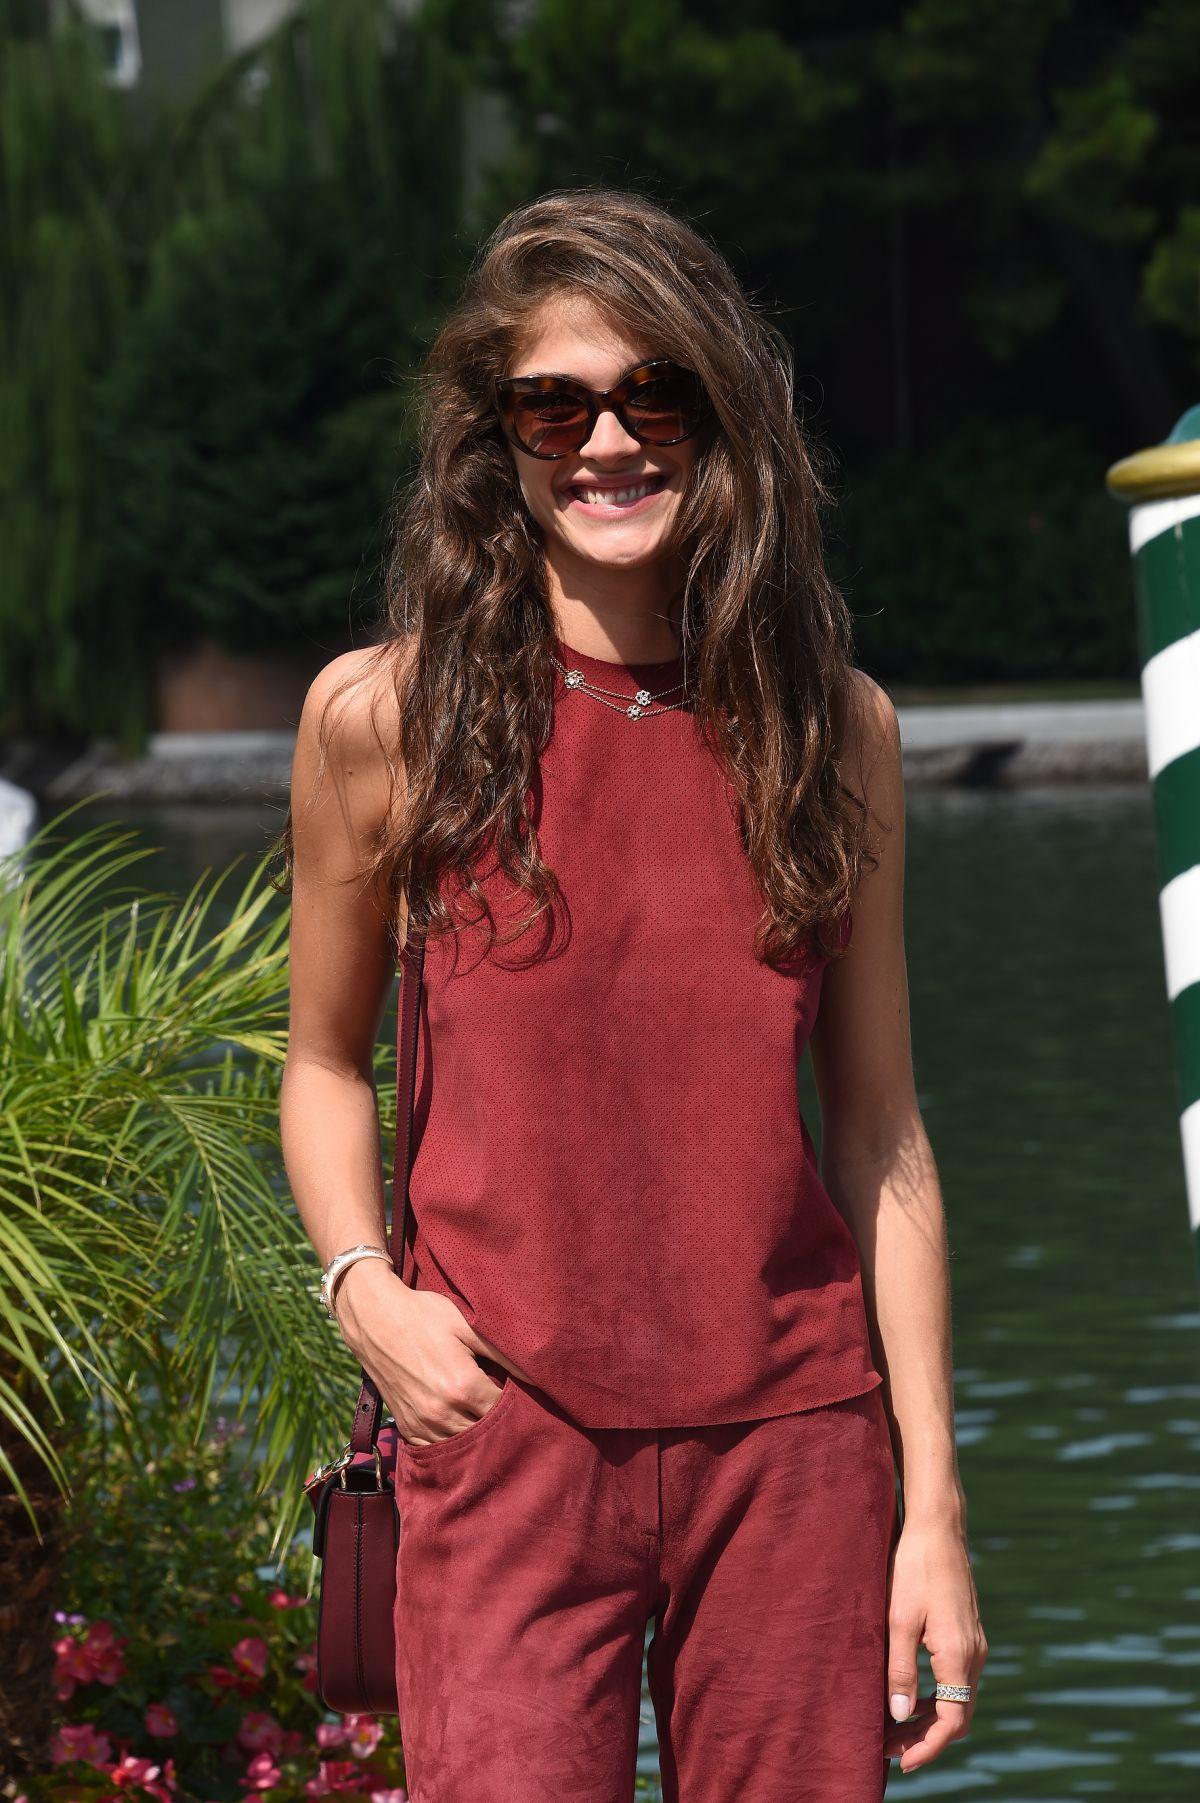 ELISA SEDNAOUI Arrives at Lido for 72nd Venice Film Festival 09/01/2015